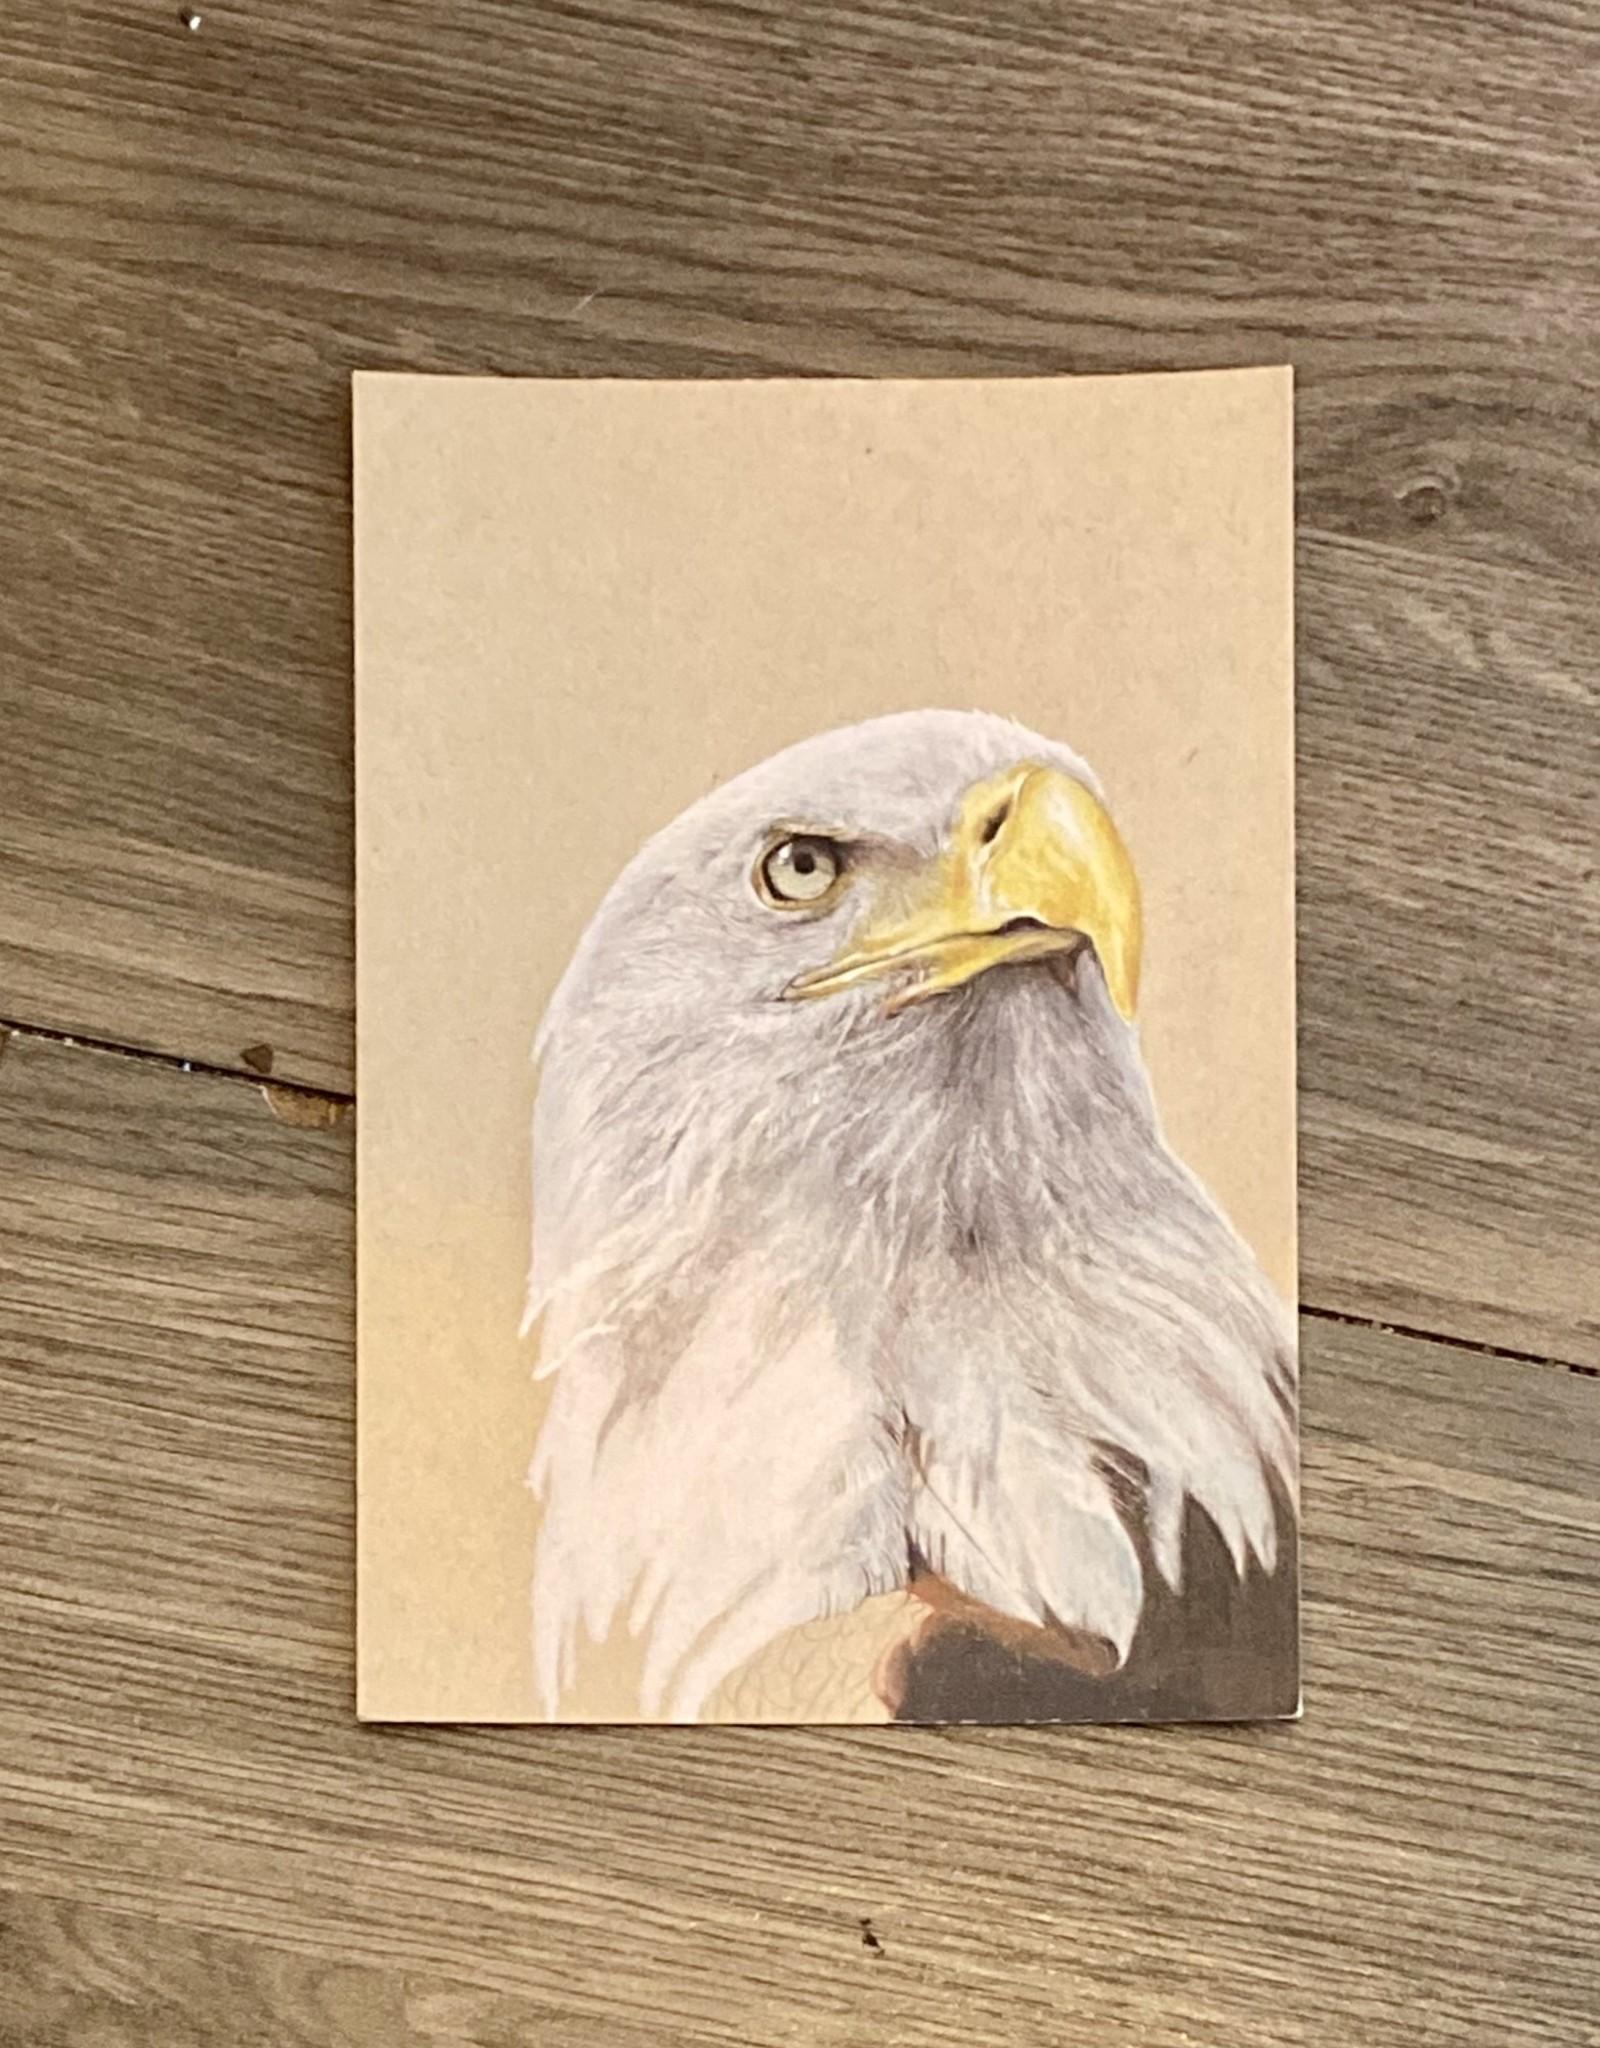 Purple Pigeon Treasures Post Card - Eagle